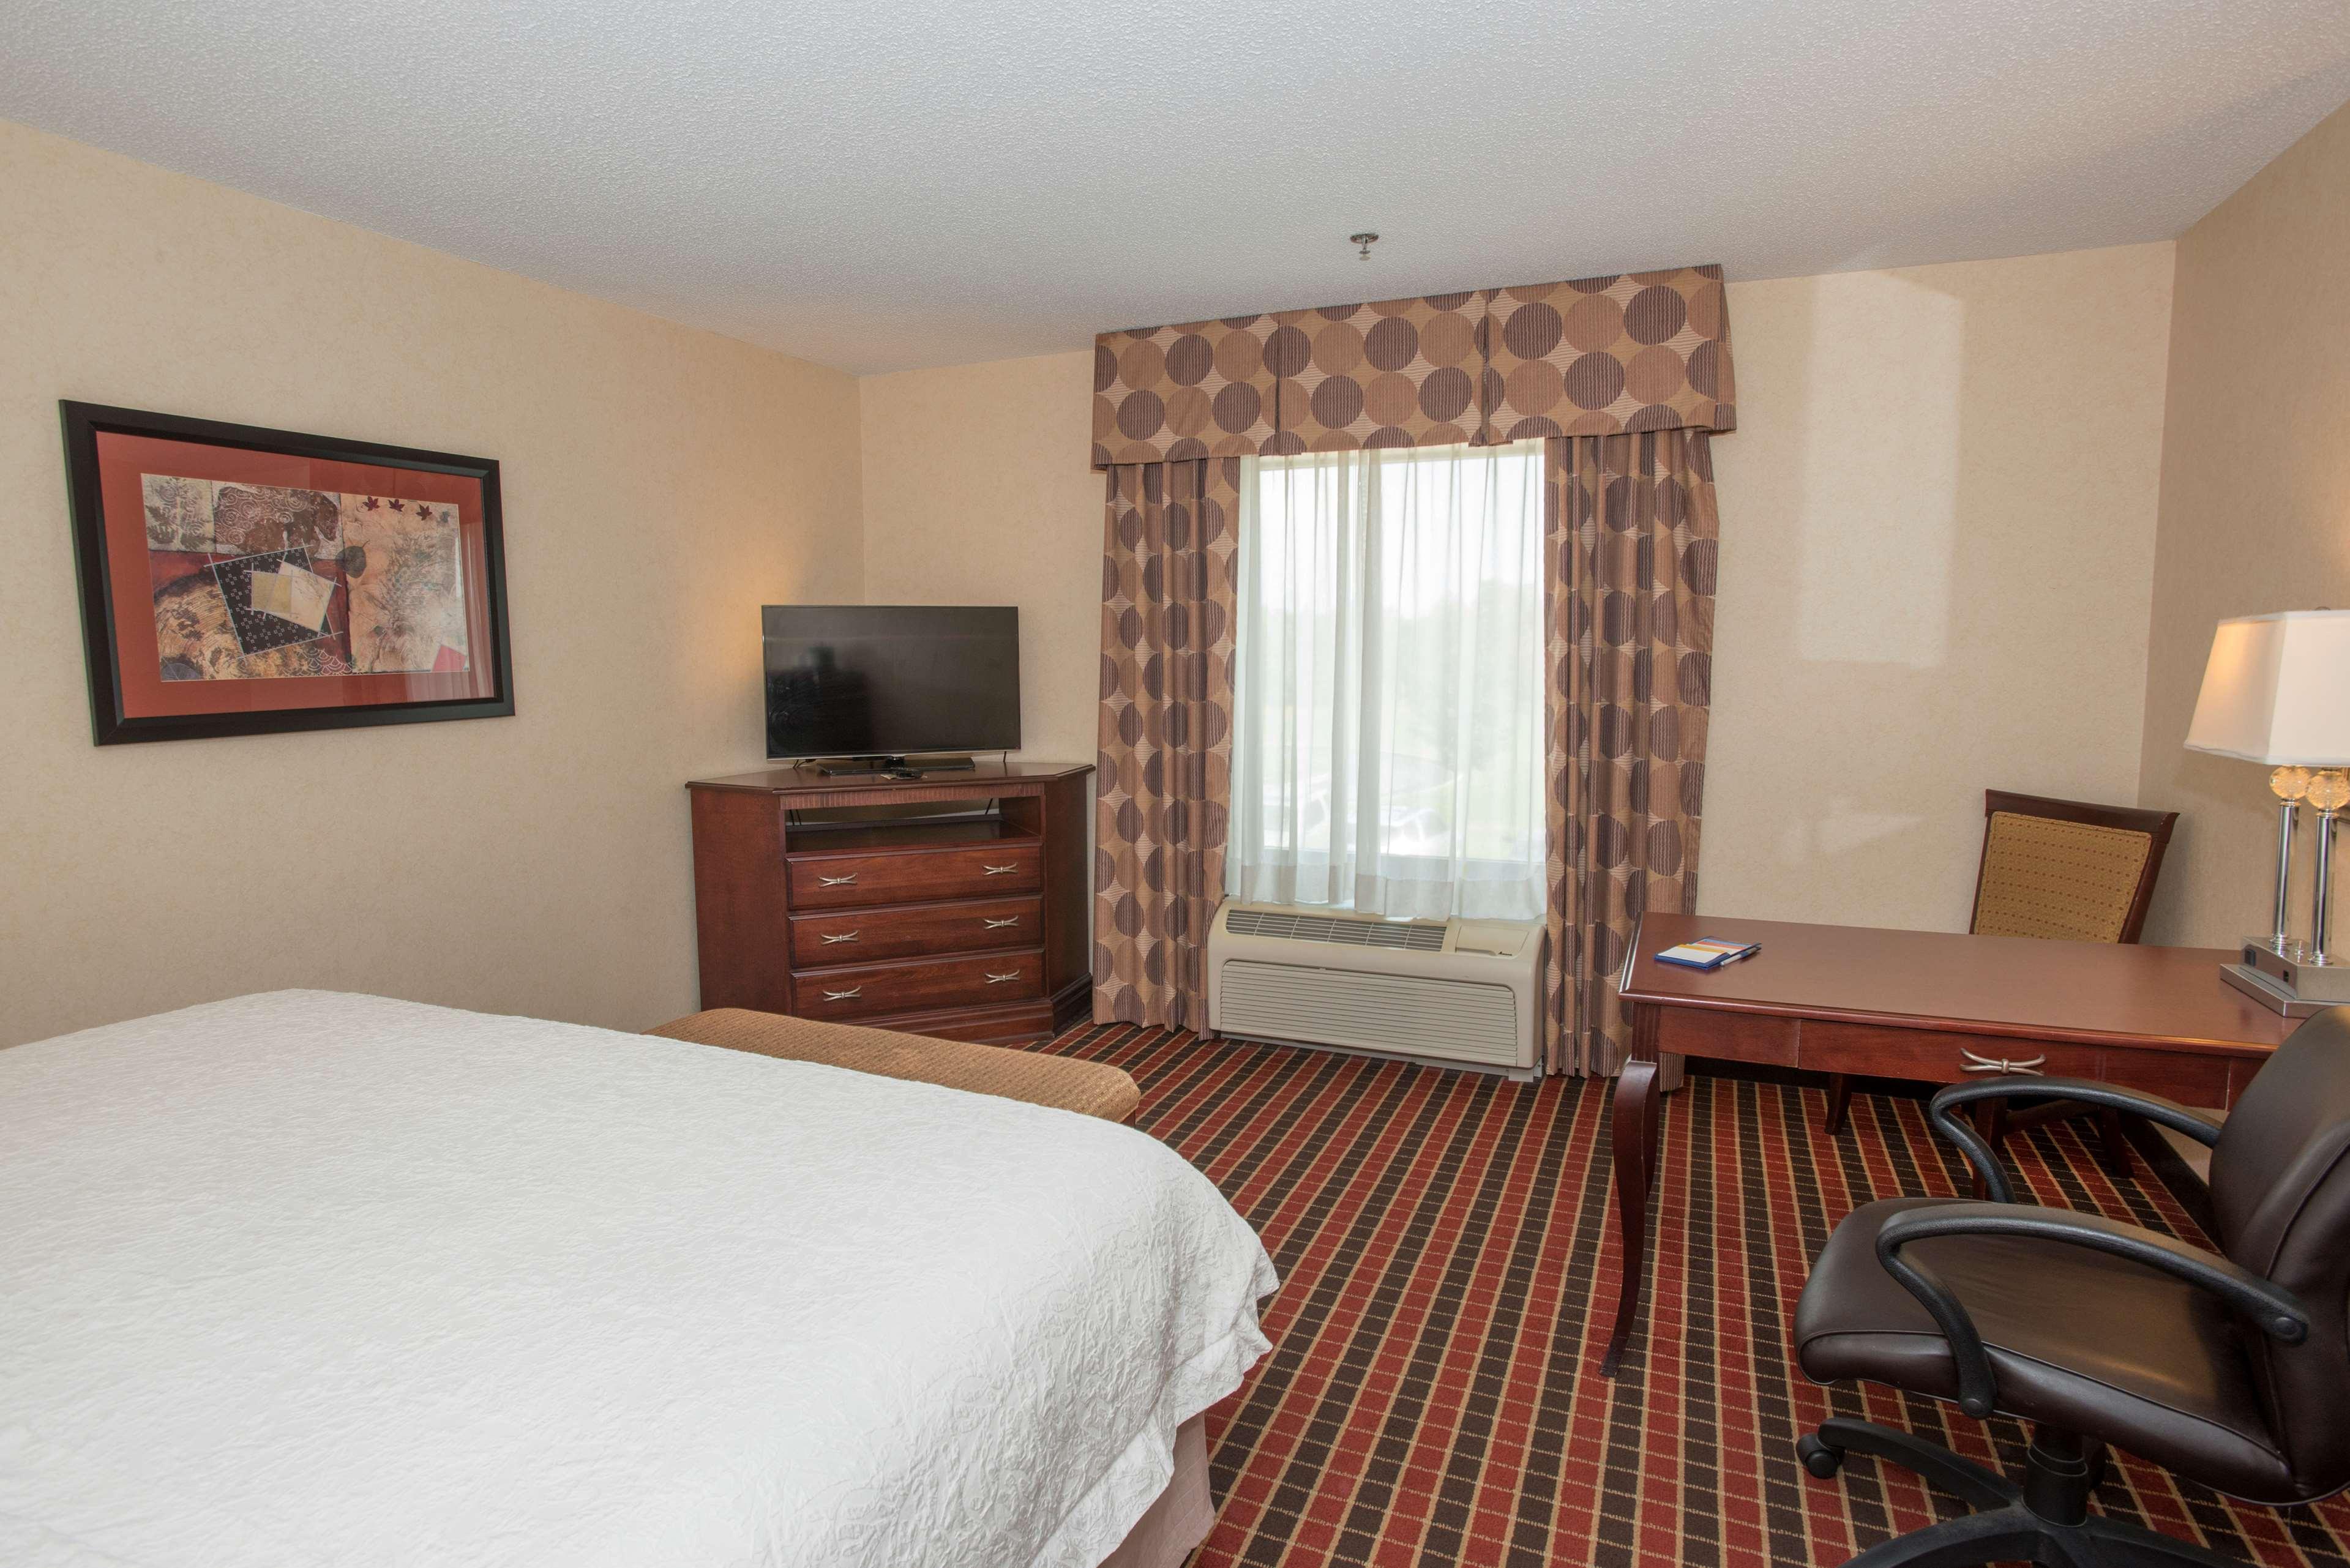 Hampton Inn & Suites Dayton-Airport image 24